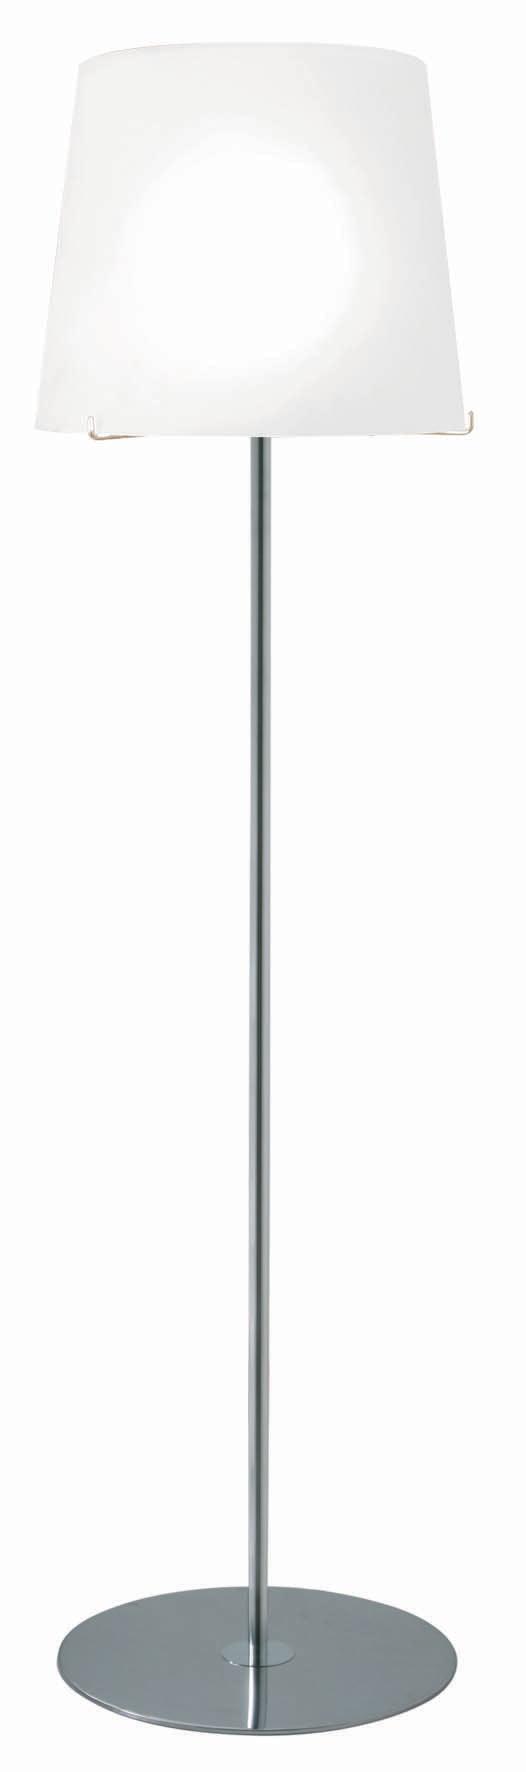 Single lampadaire chromé avec verrerie acidée blanche. Concept Verre.